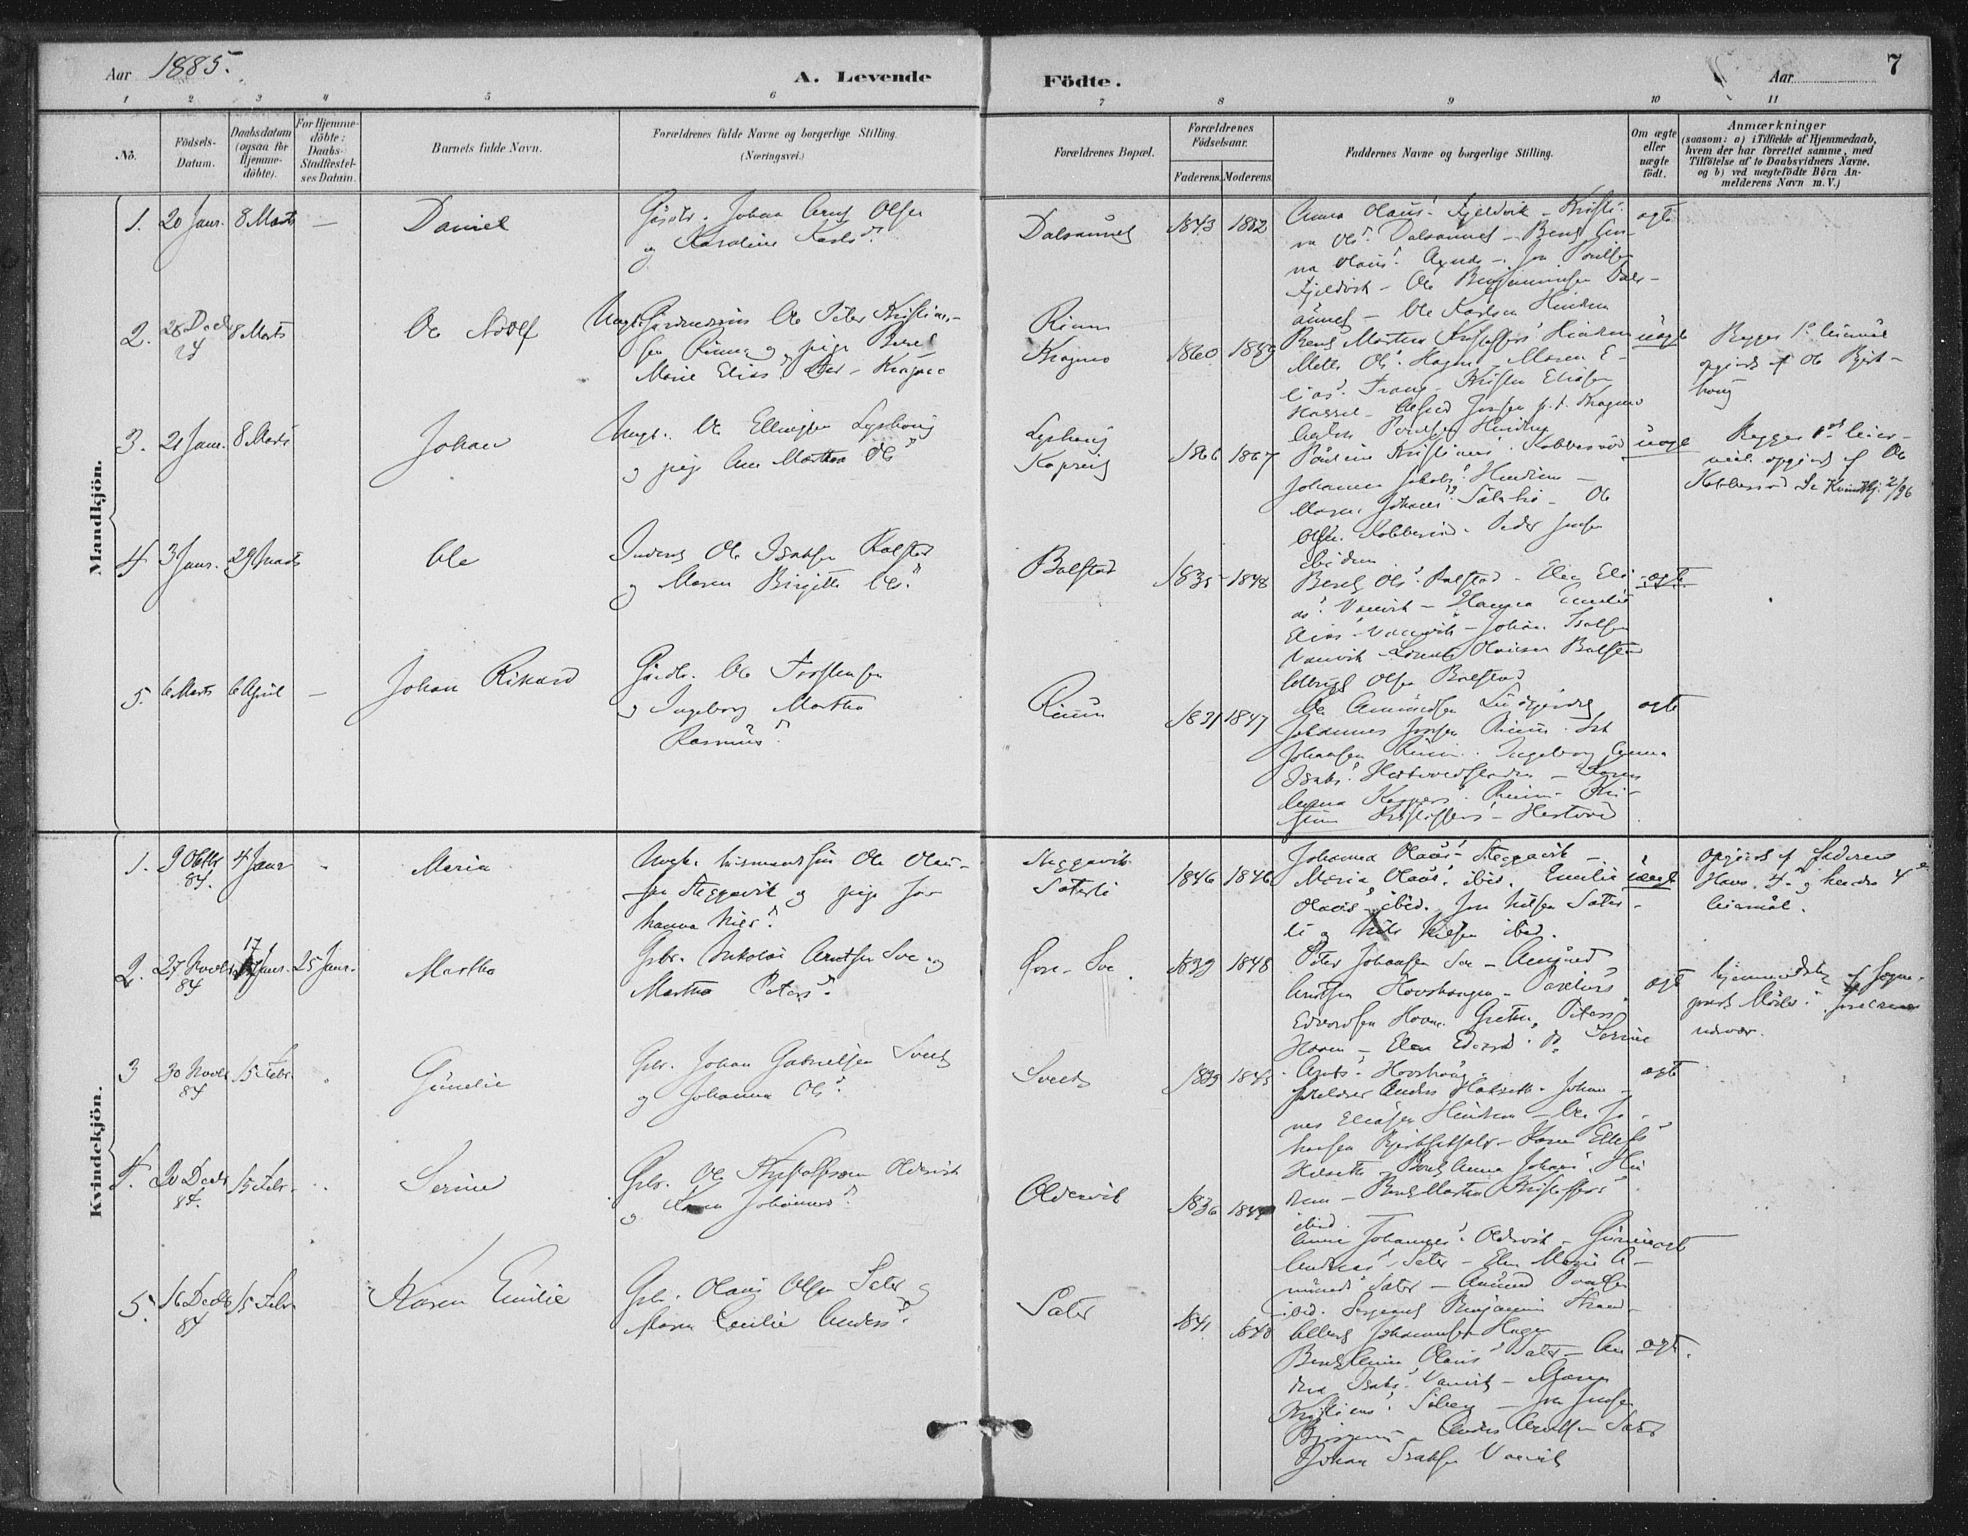 SAT, Ministerialprotokoller, klokkerbøker og fødselsregistre - Nord-Trøndelag, 702/L0023: Ministerialbok nr. 702A01, 1883-1897, s. 7